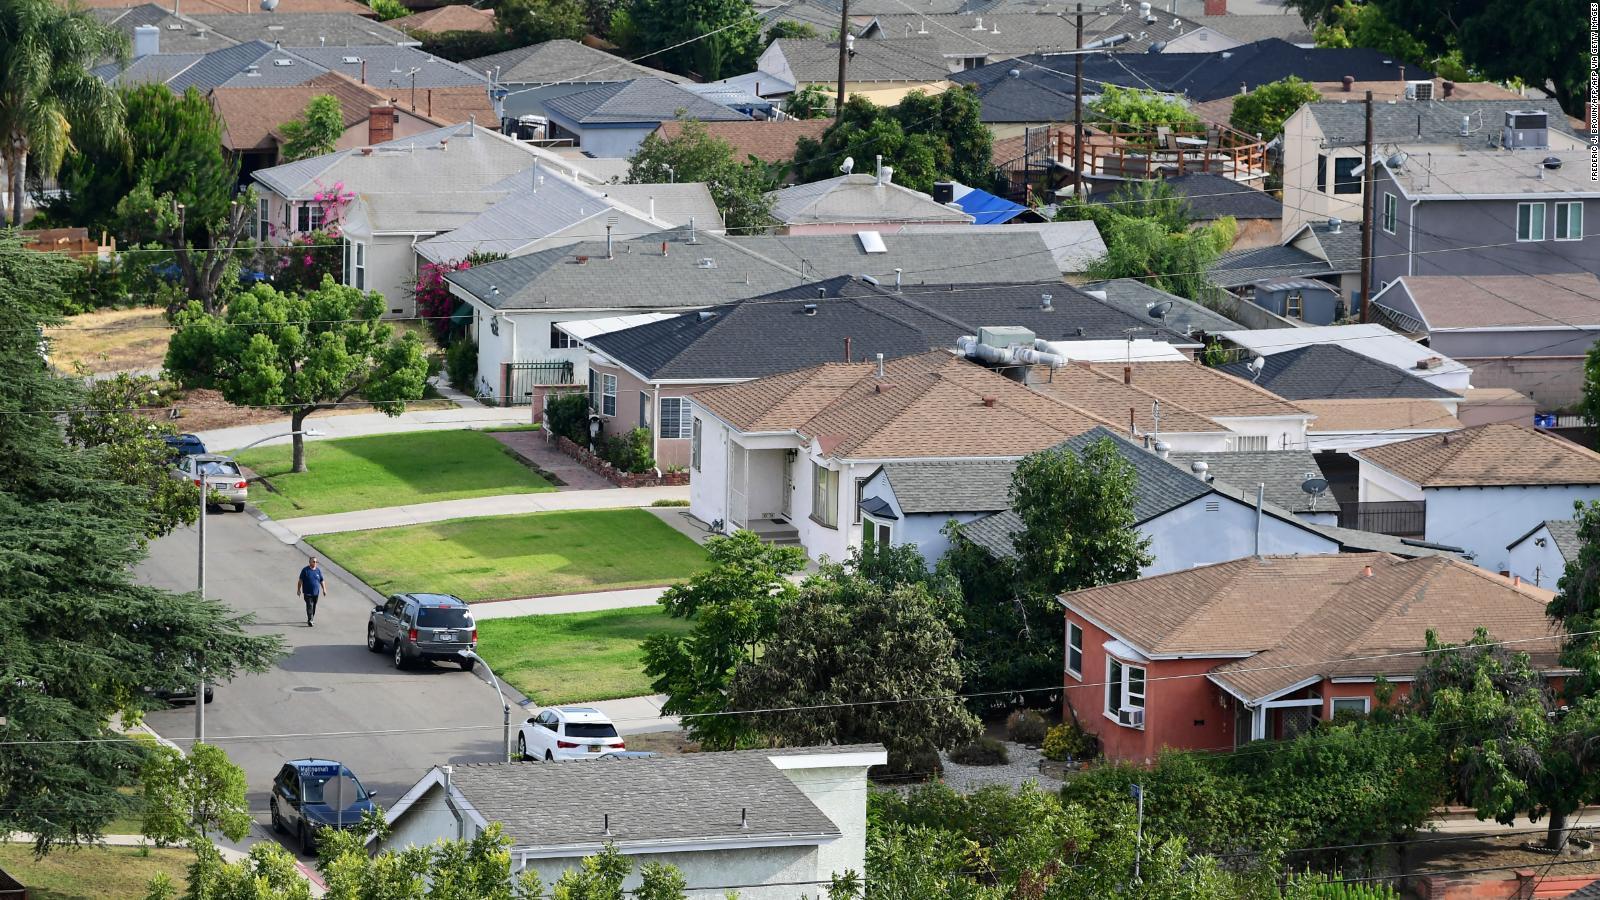 Goldman Sachs estima que 750.000 hogares podrían ser desalojados este año en EE.UU, pero no todas son malas noticias